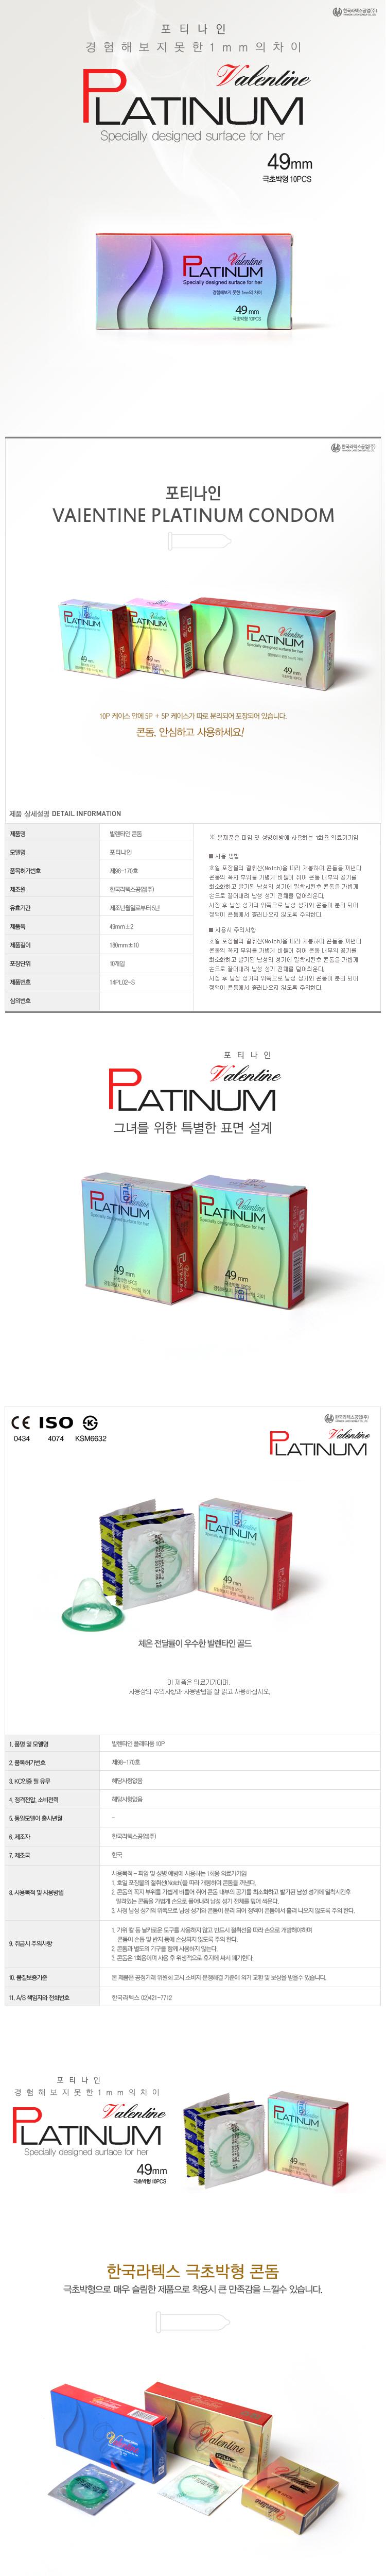 한국라텍스 발렌타인 플래티넘 초박형 콘돔 상품정보